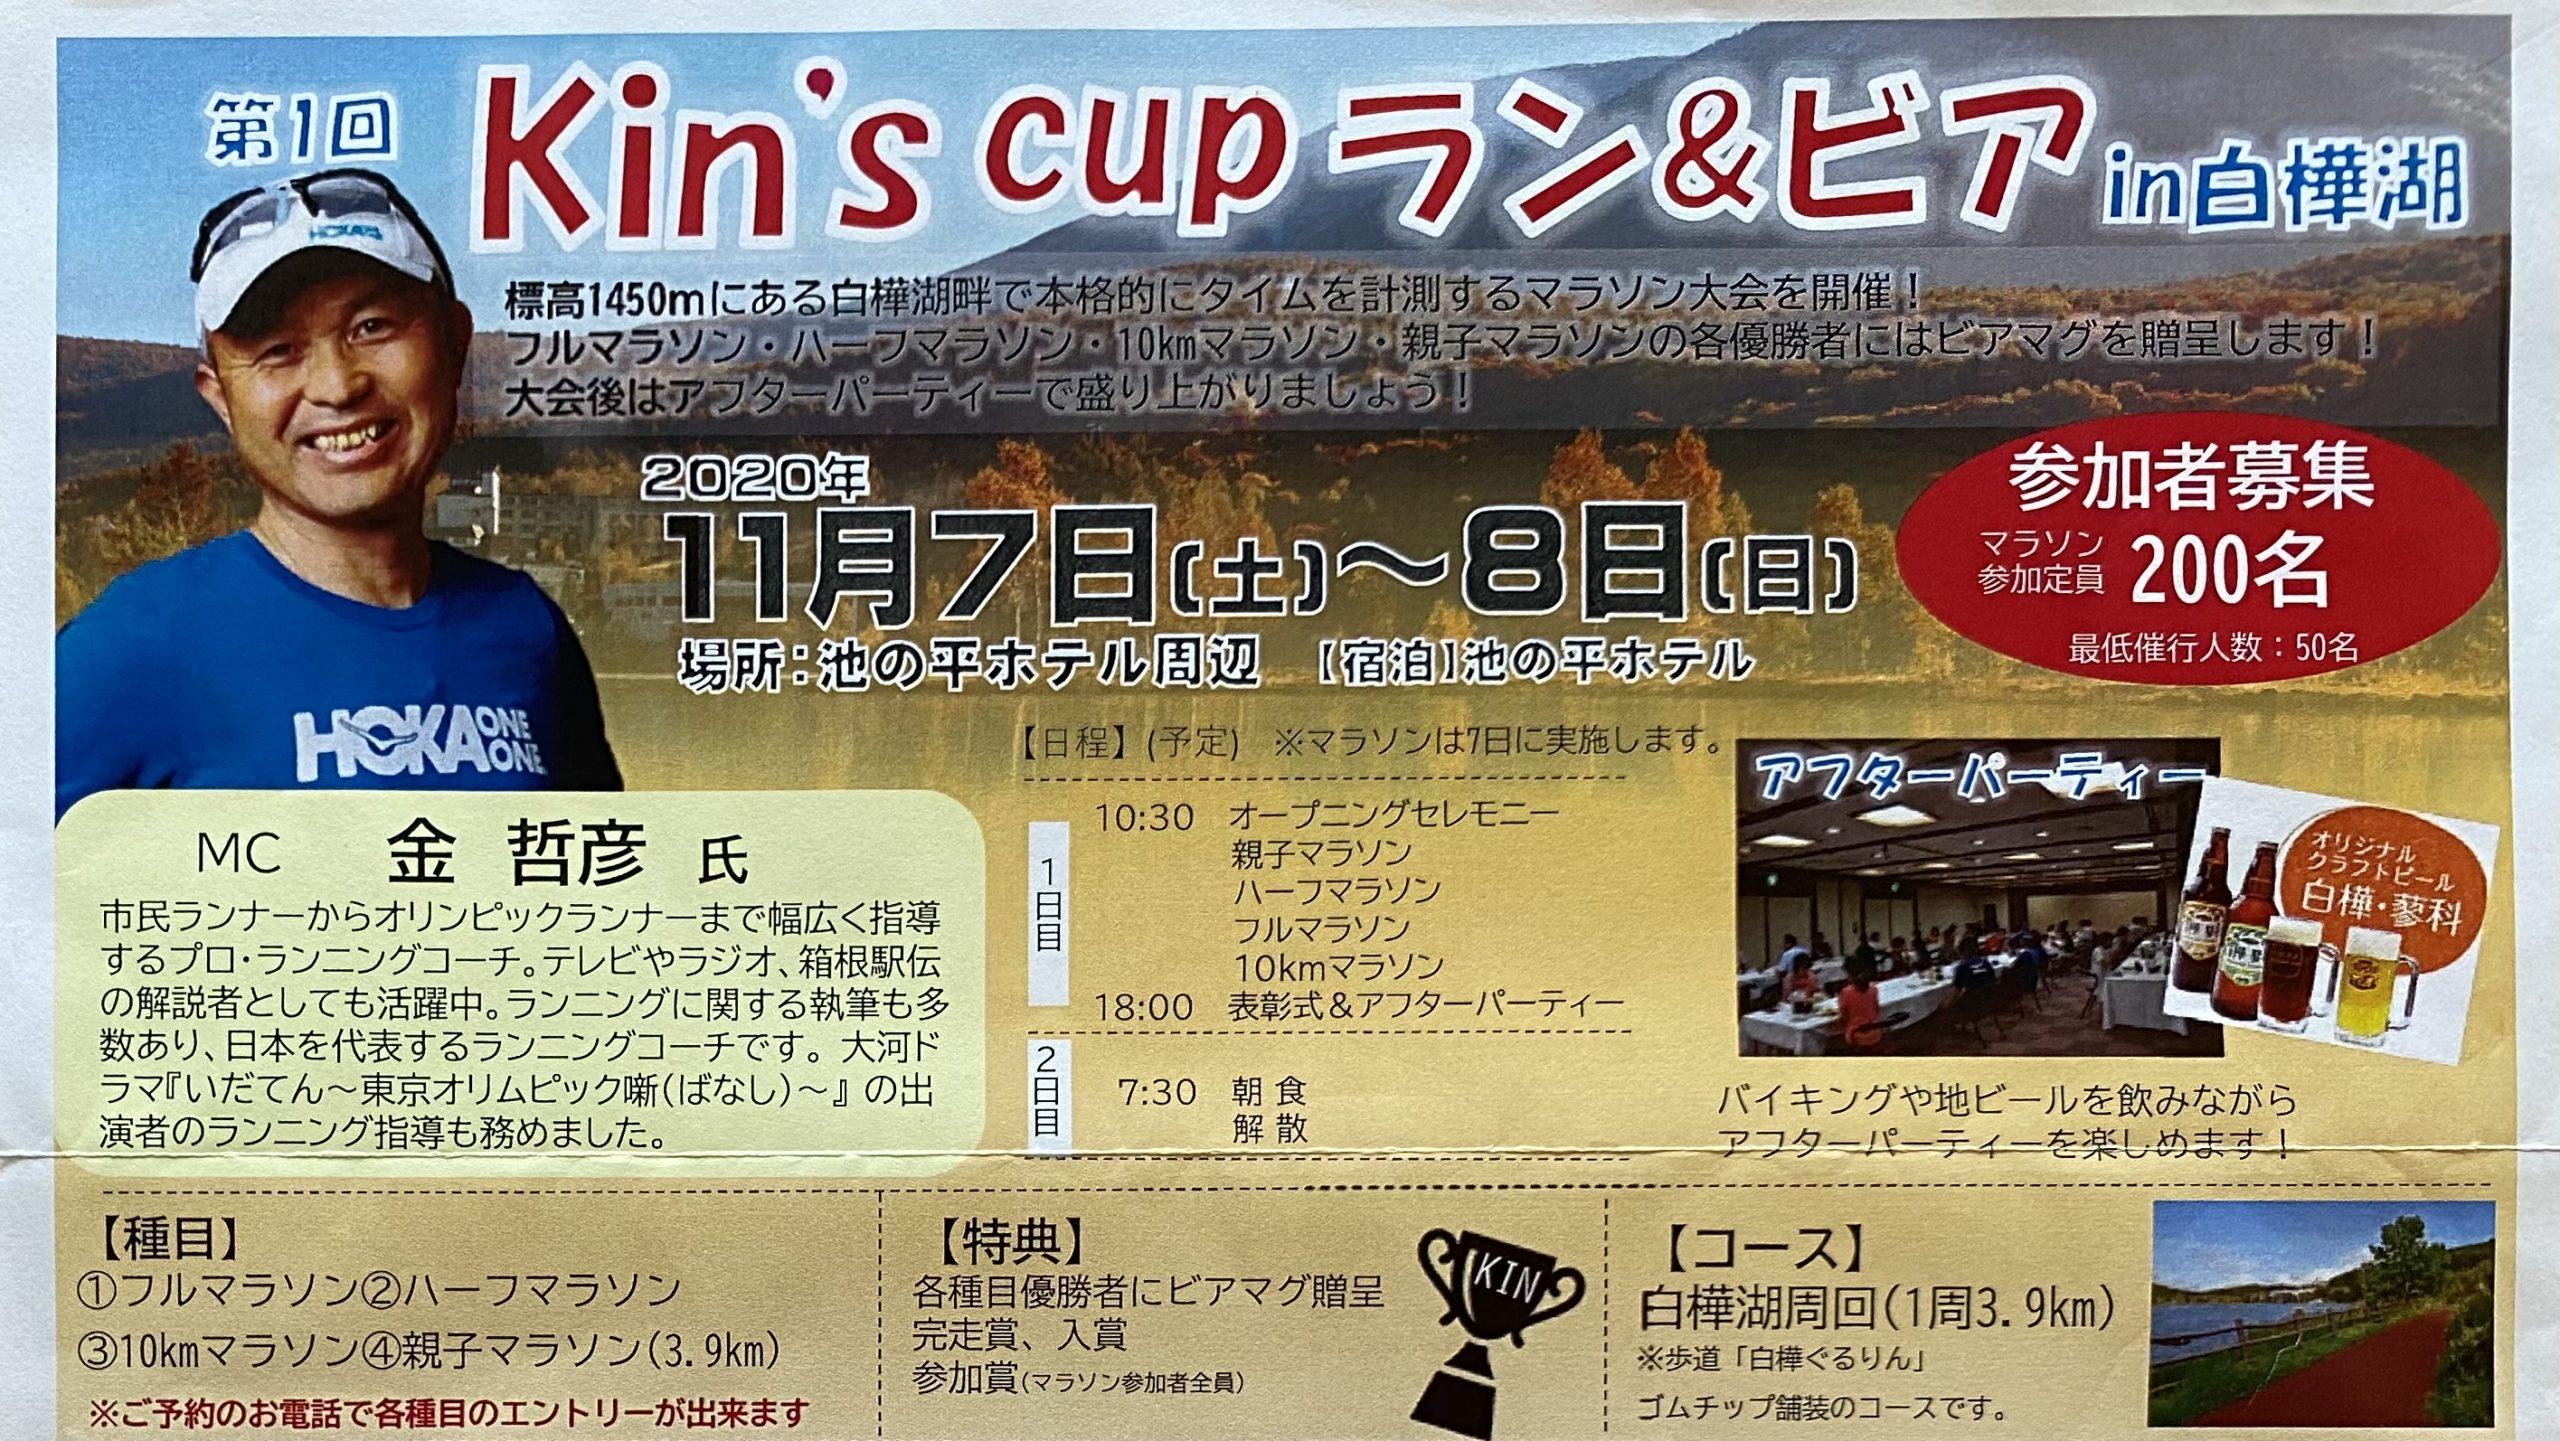 第1回Kin's cup ラン&ビアの案内